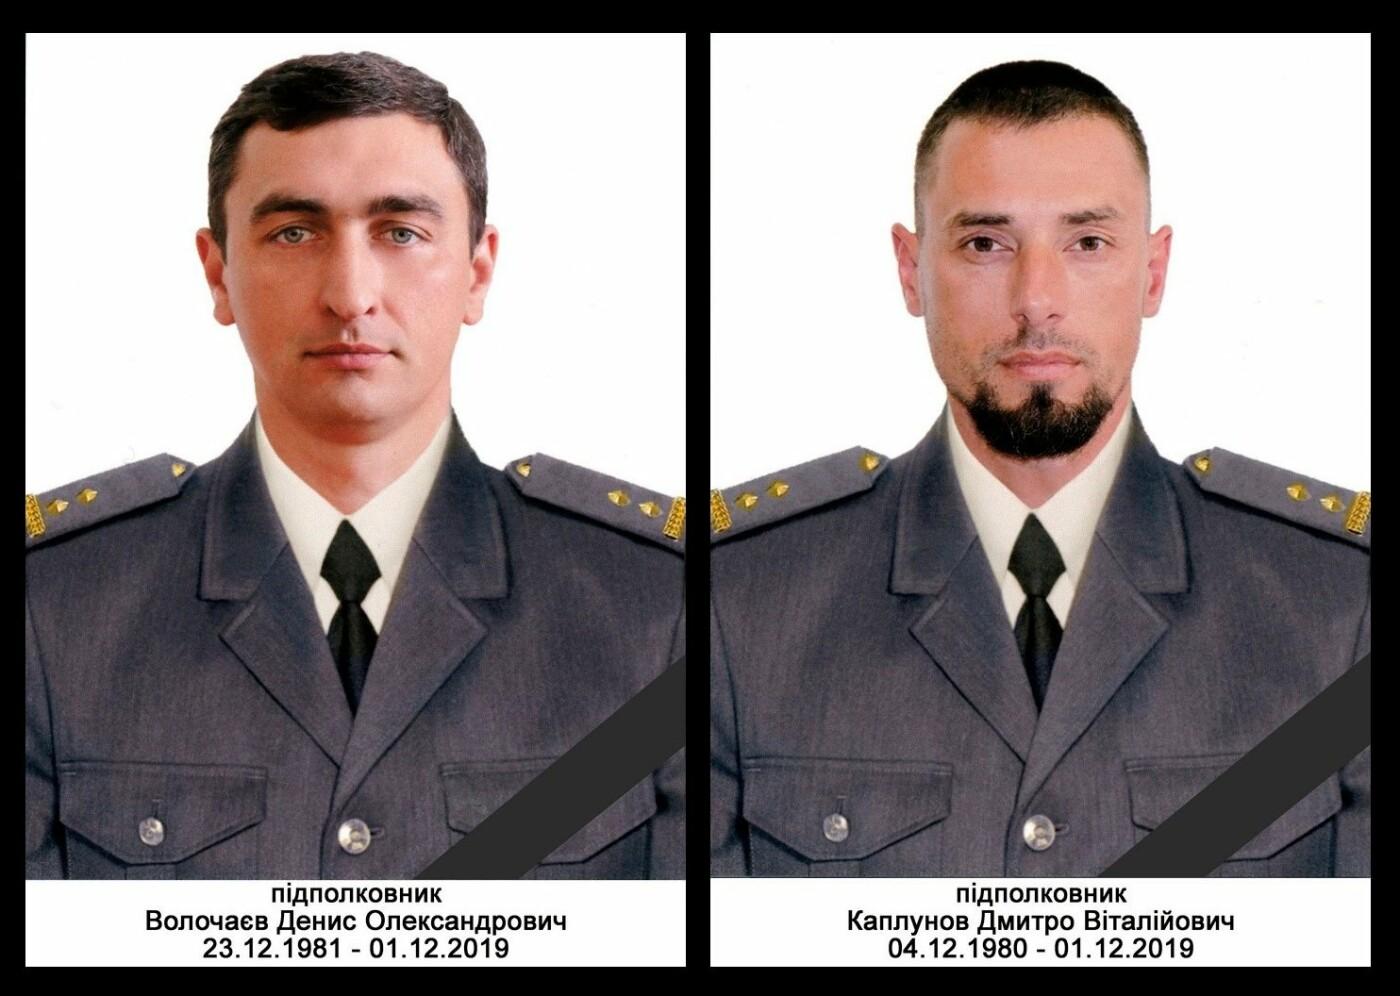 Стали известны новые подробности гибели двух офицеров «Альфы» на Донбассе, фото-1